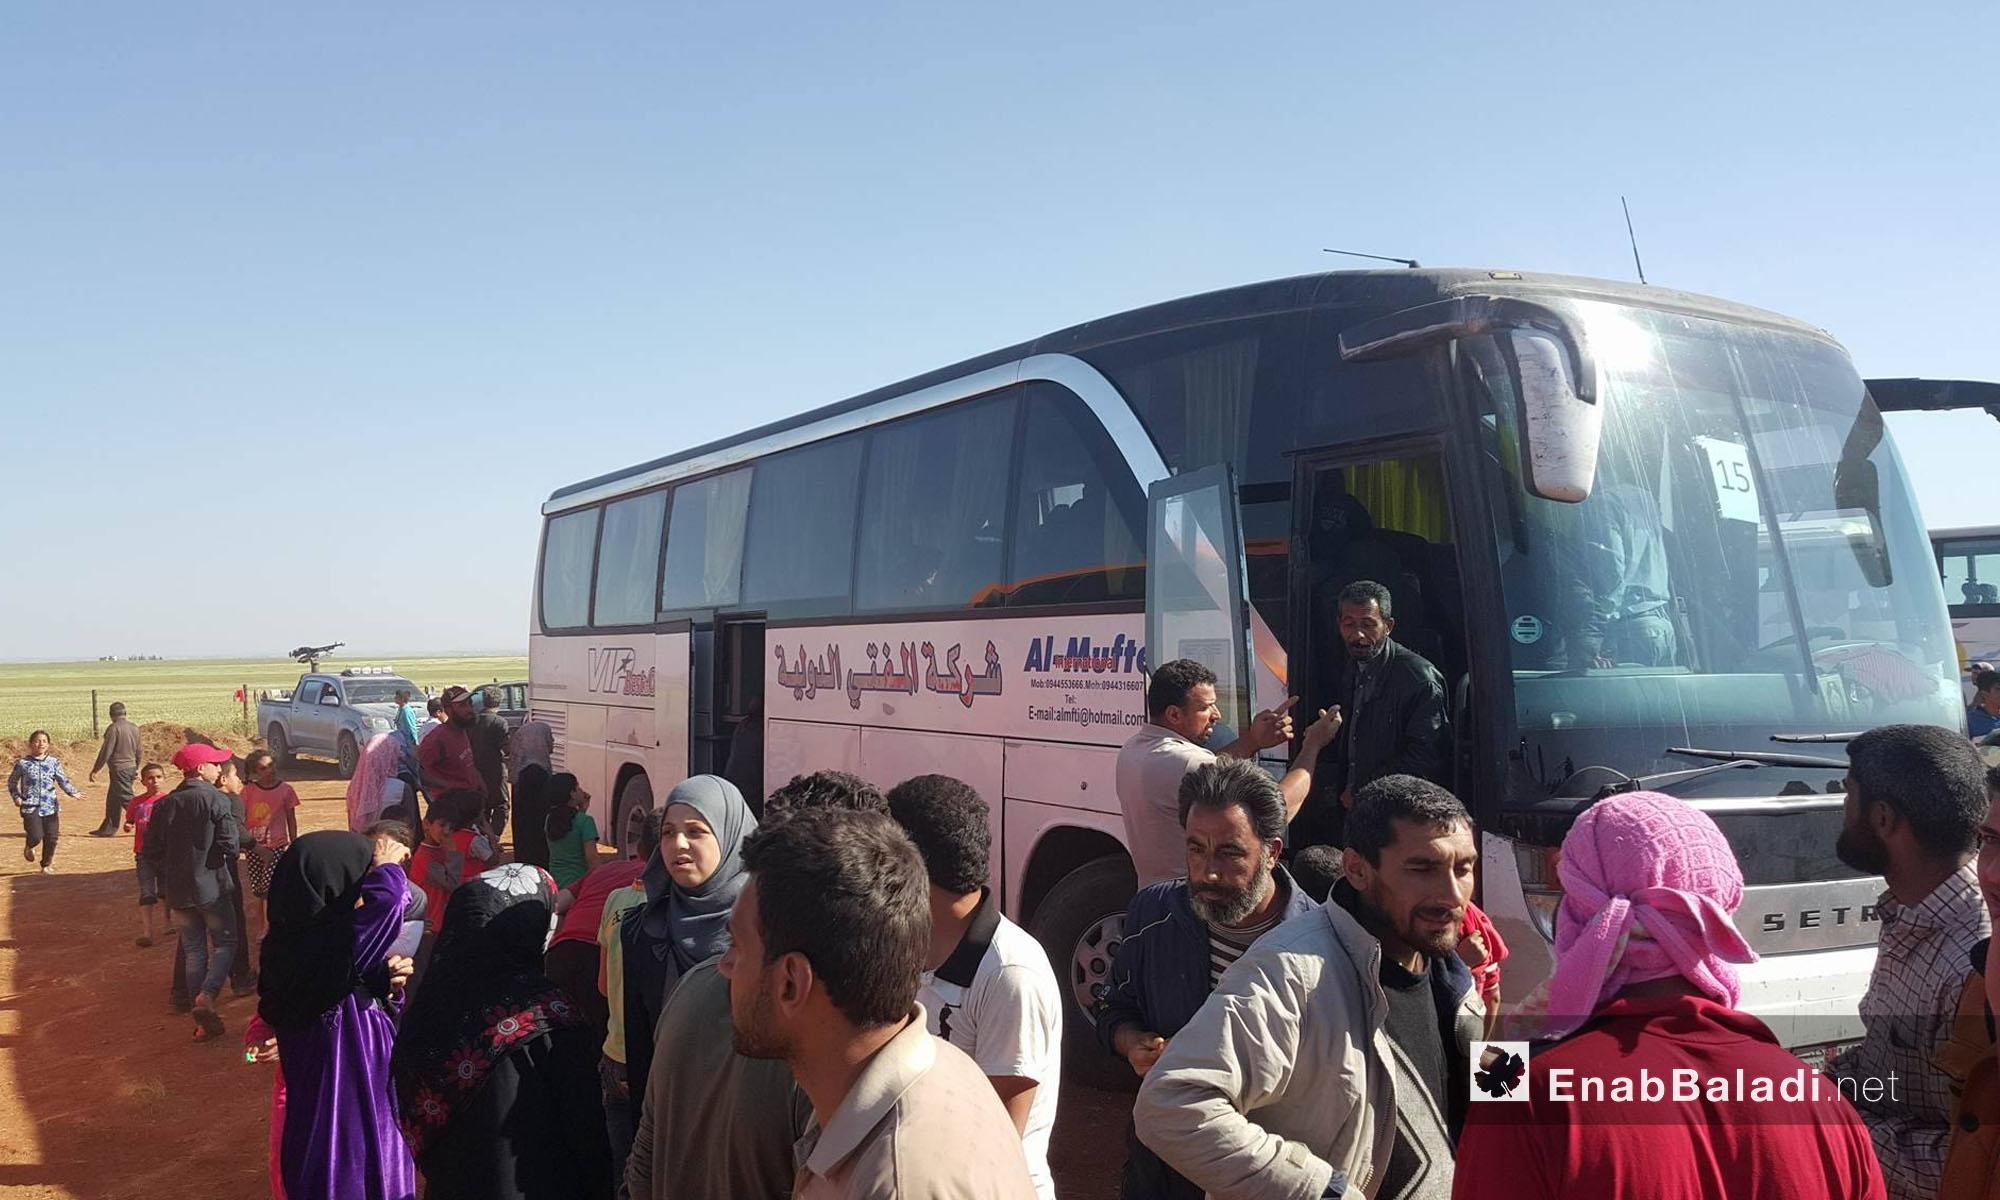 حافلات مهجري حي الوعر تصل مدينة جرابلس شمال حلب - 25 نيسان 2017 (عنب بلدي)